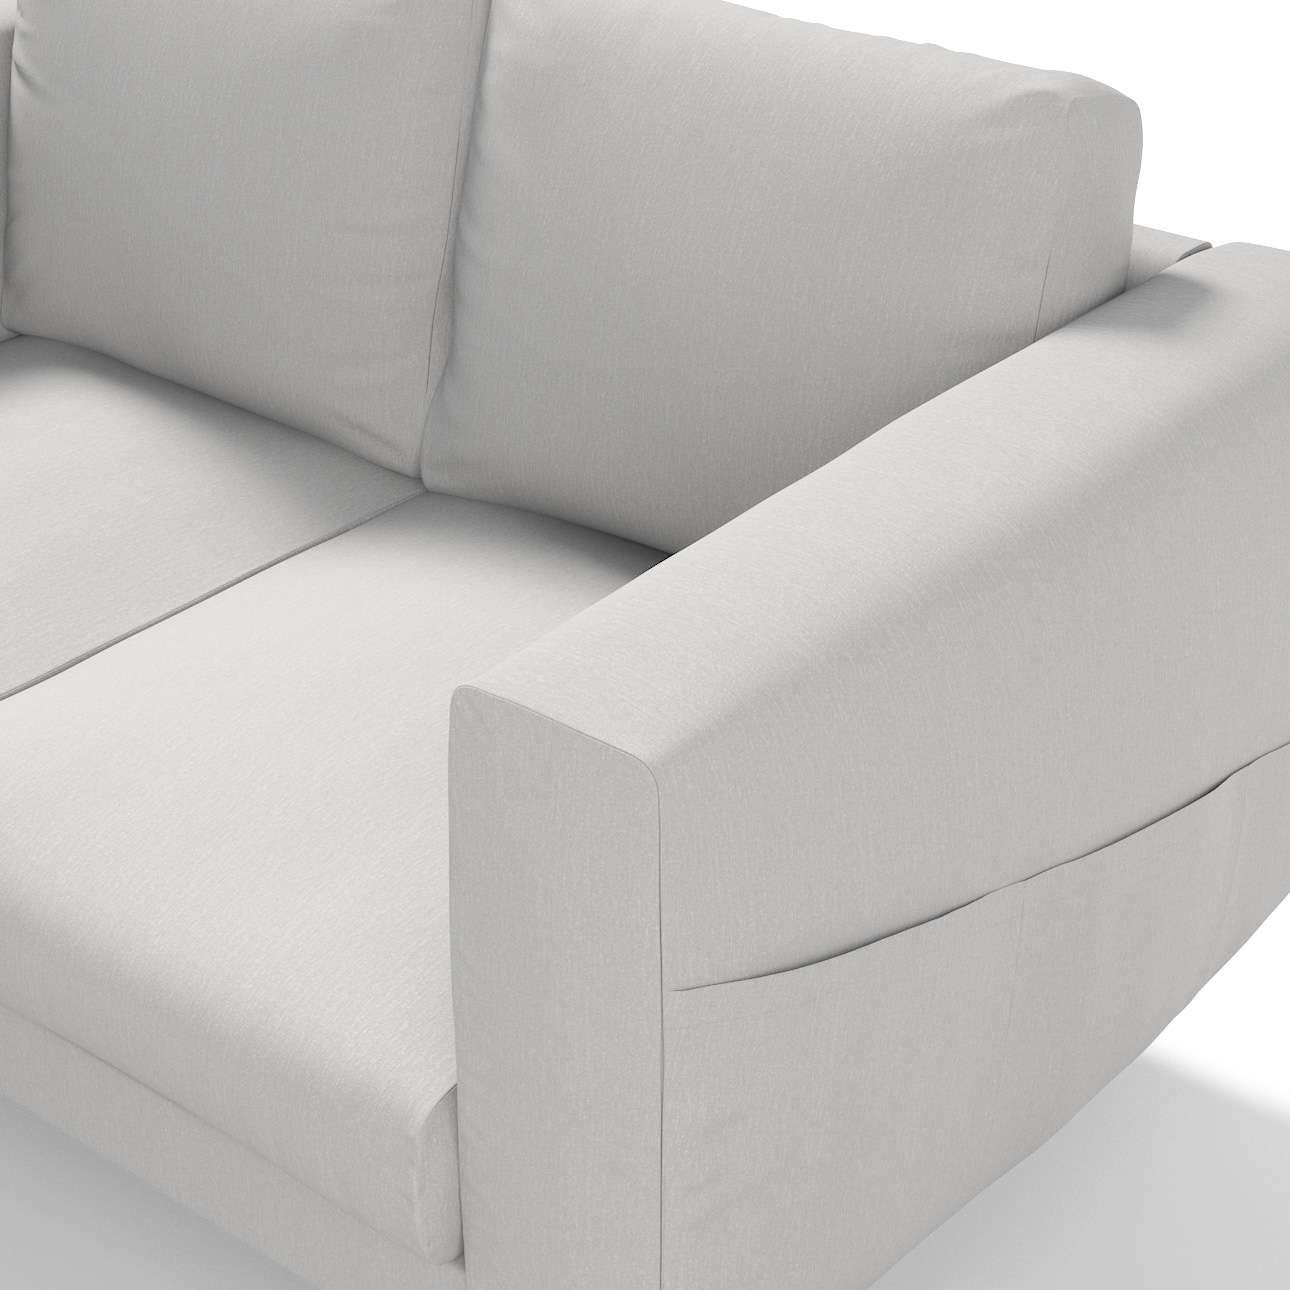 Pokrowiec na sofę Norsborg 2-osobową w kolekcji Chenille, tkanina: 702-23